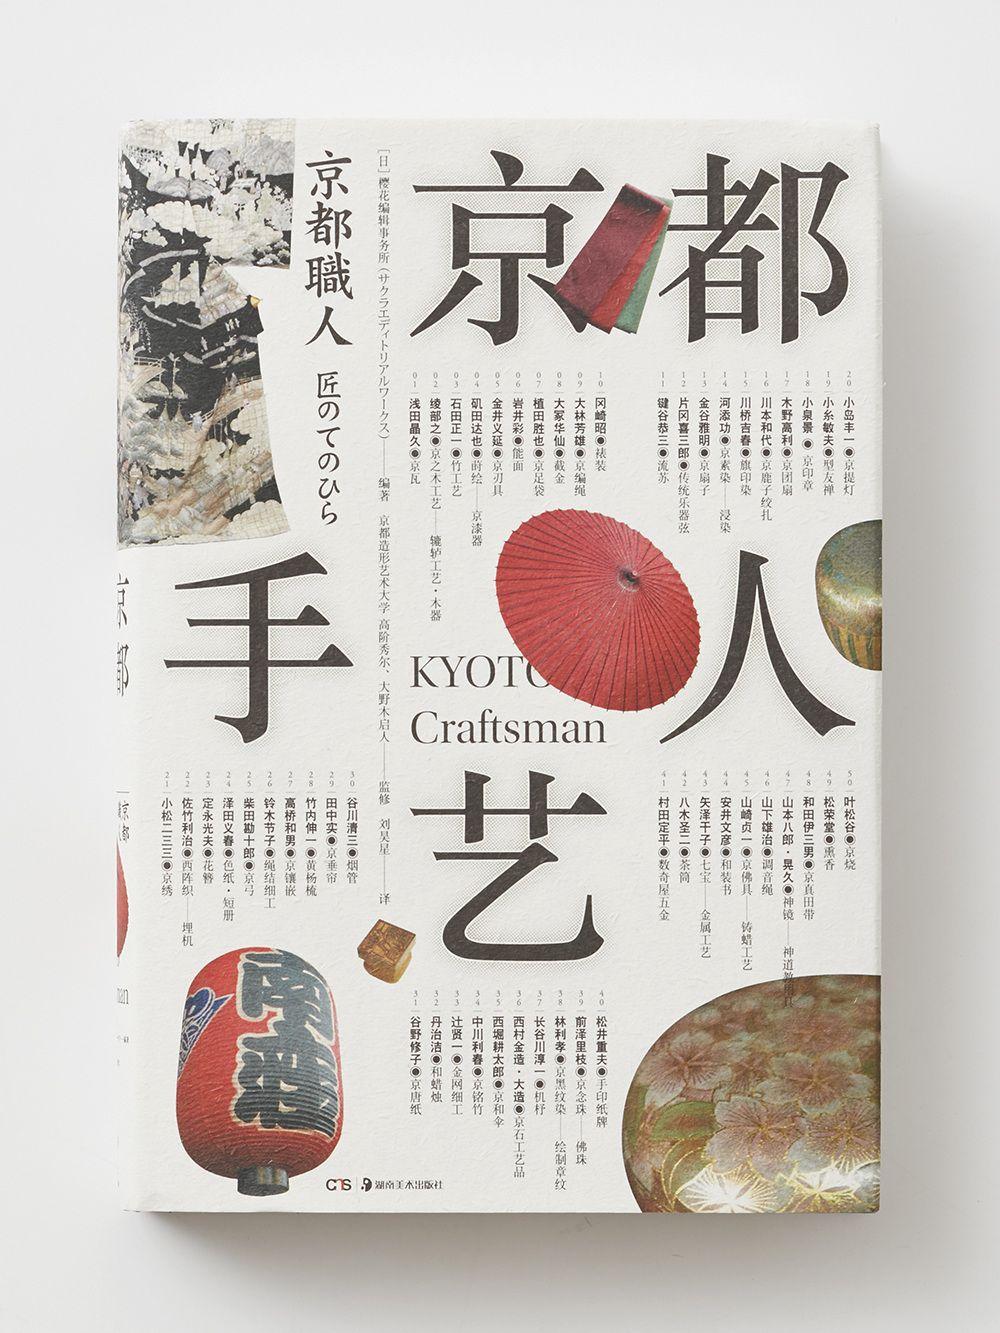 61ebf1655318023f5e5fa67e4da04895 Jpg 1000 1333 Graphic Design Books Book Design Layout Book Design